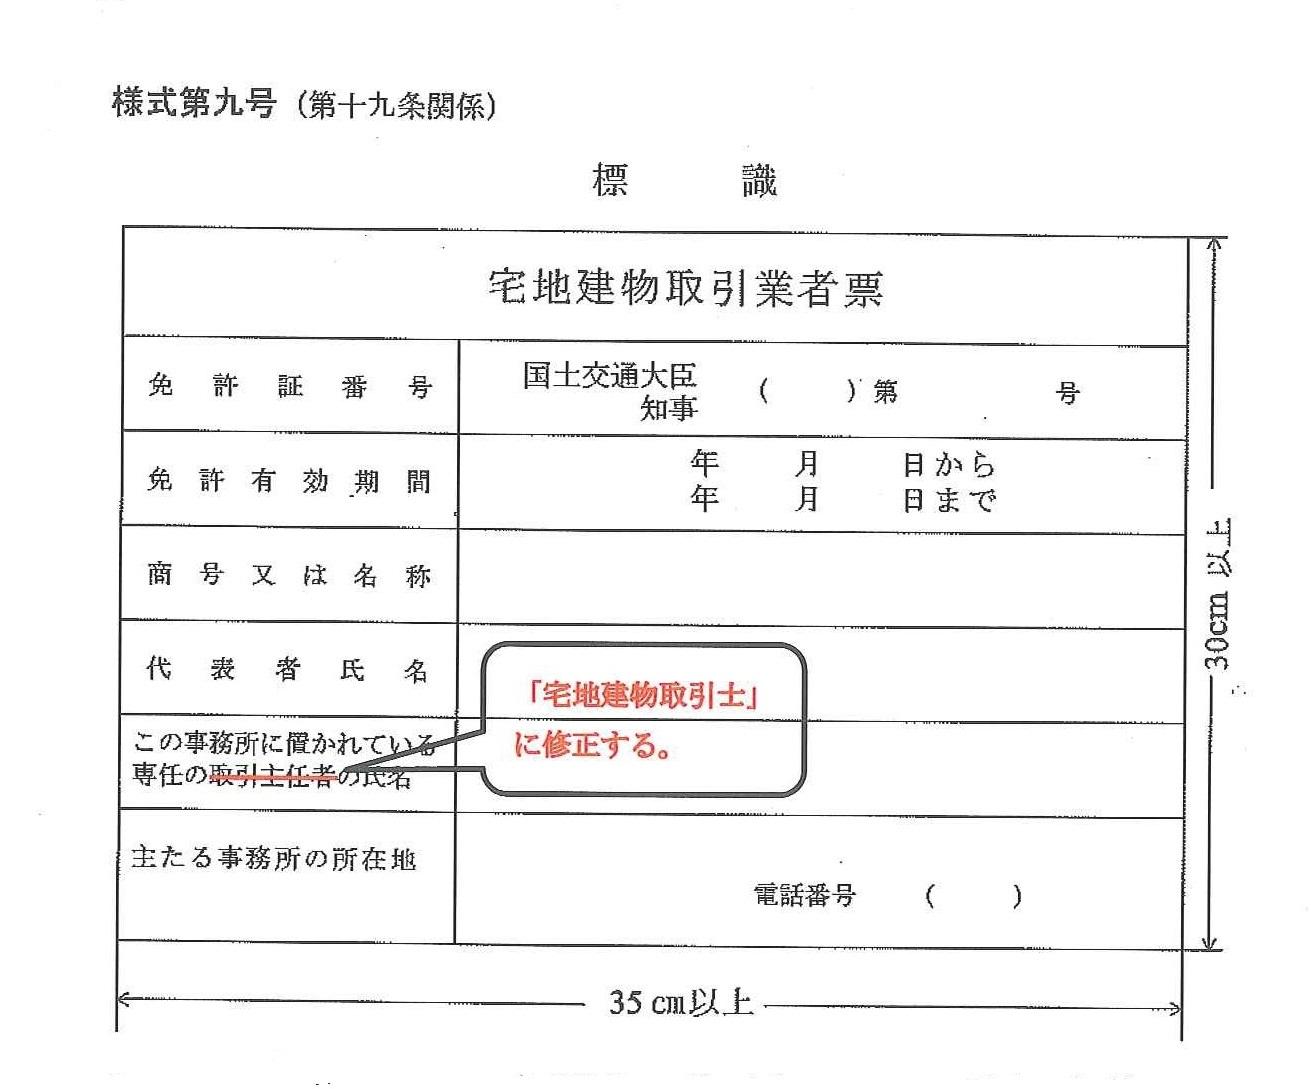 宅地建物取引業者票|宅建免許の表示看板です。事 …